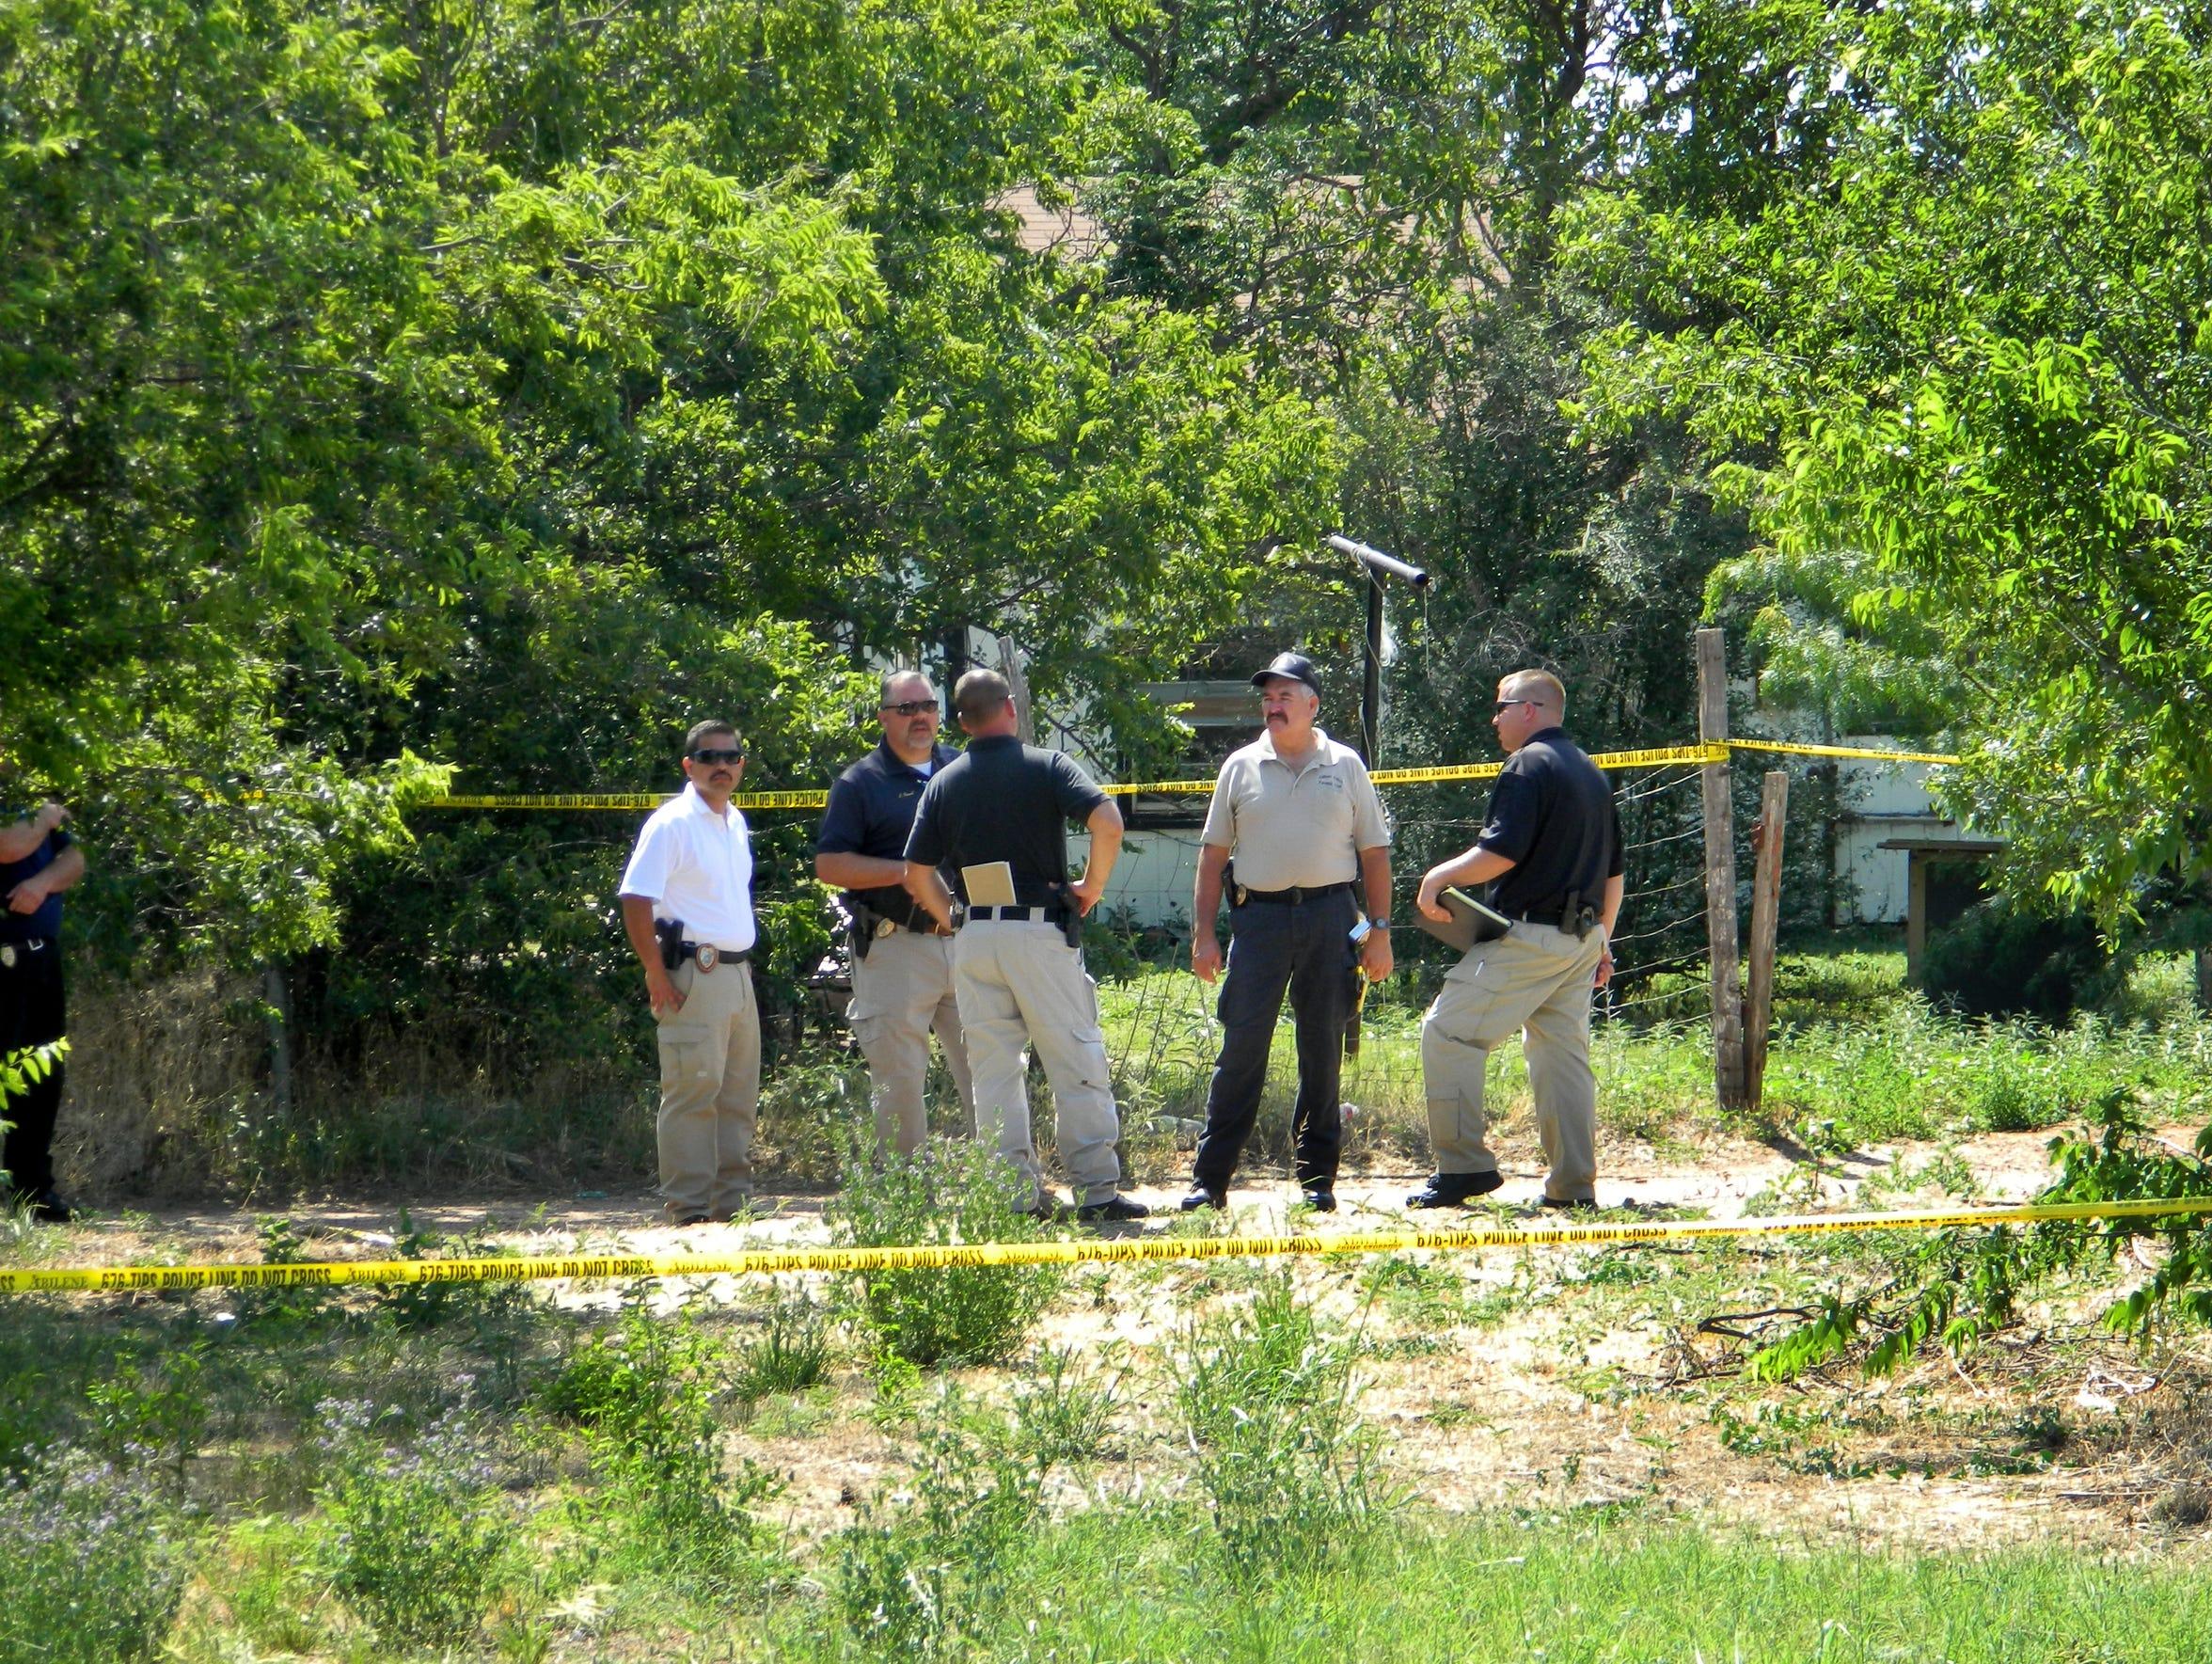 Police investigate the death of Dan Nickerson, whose